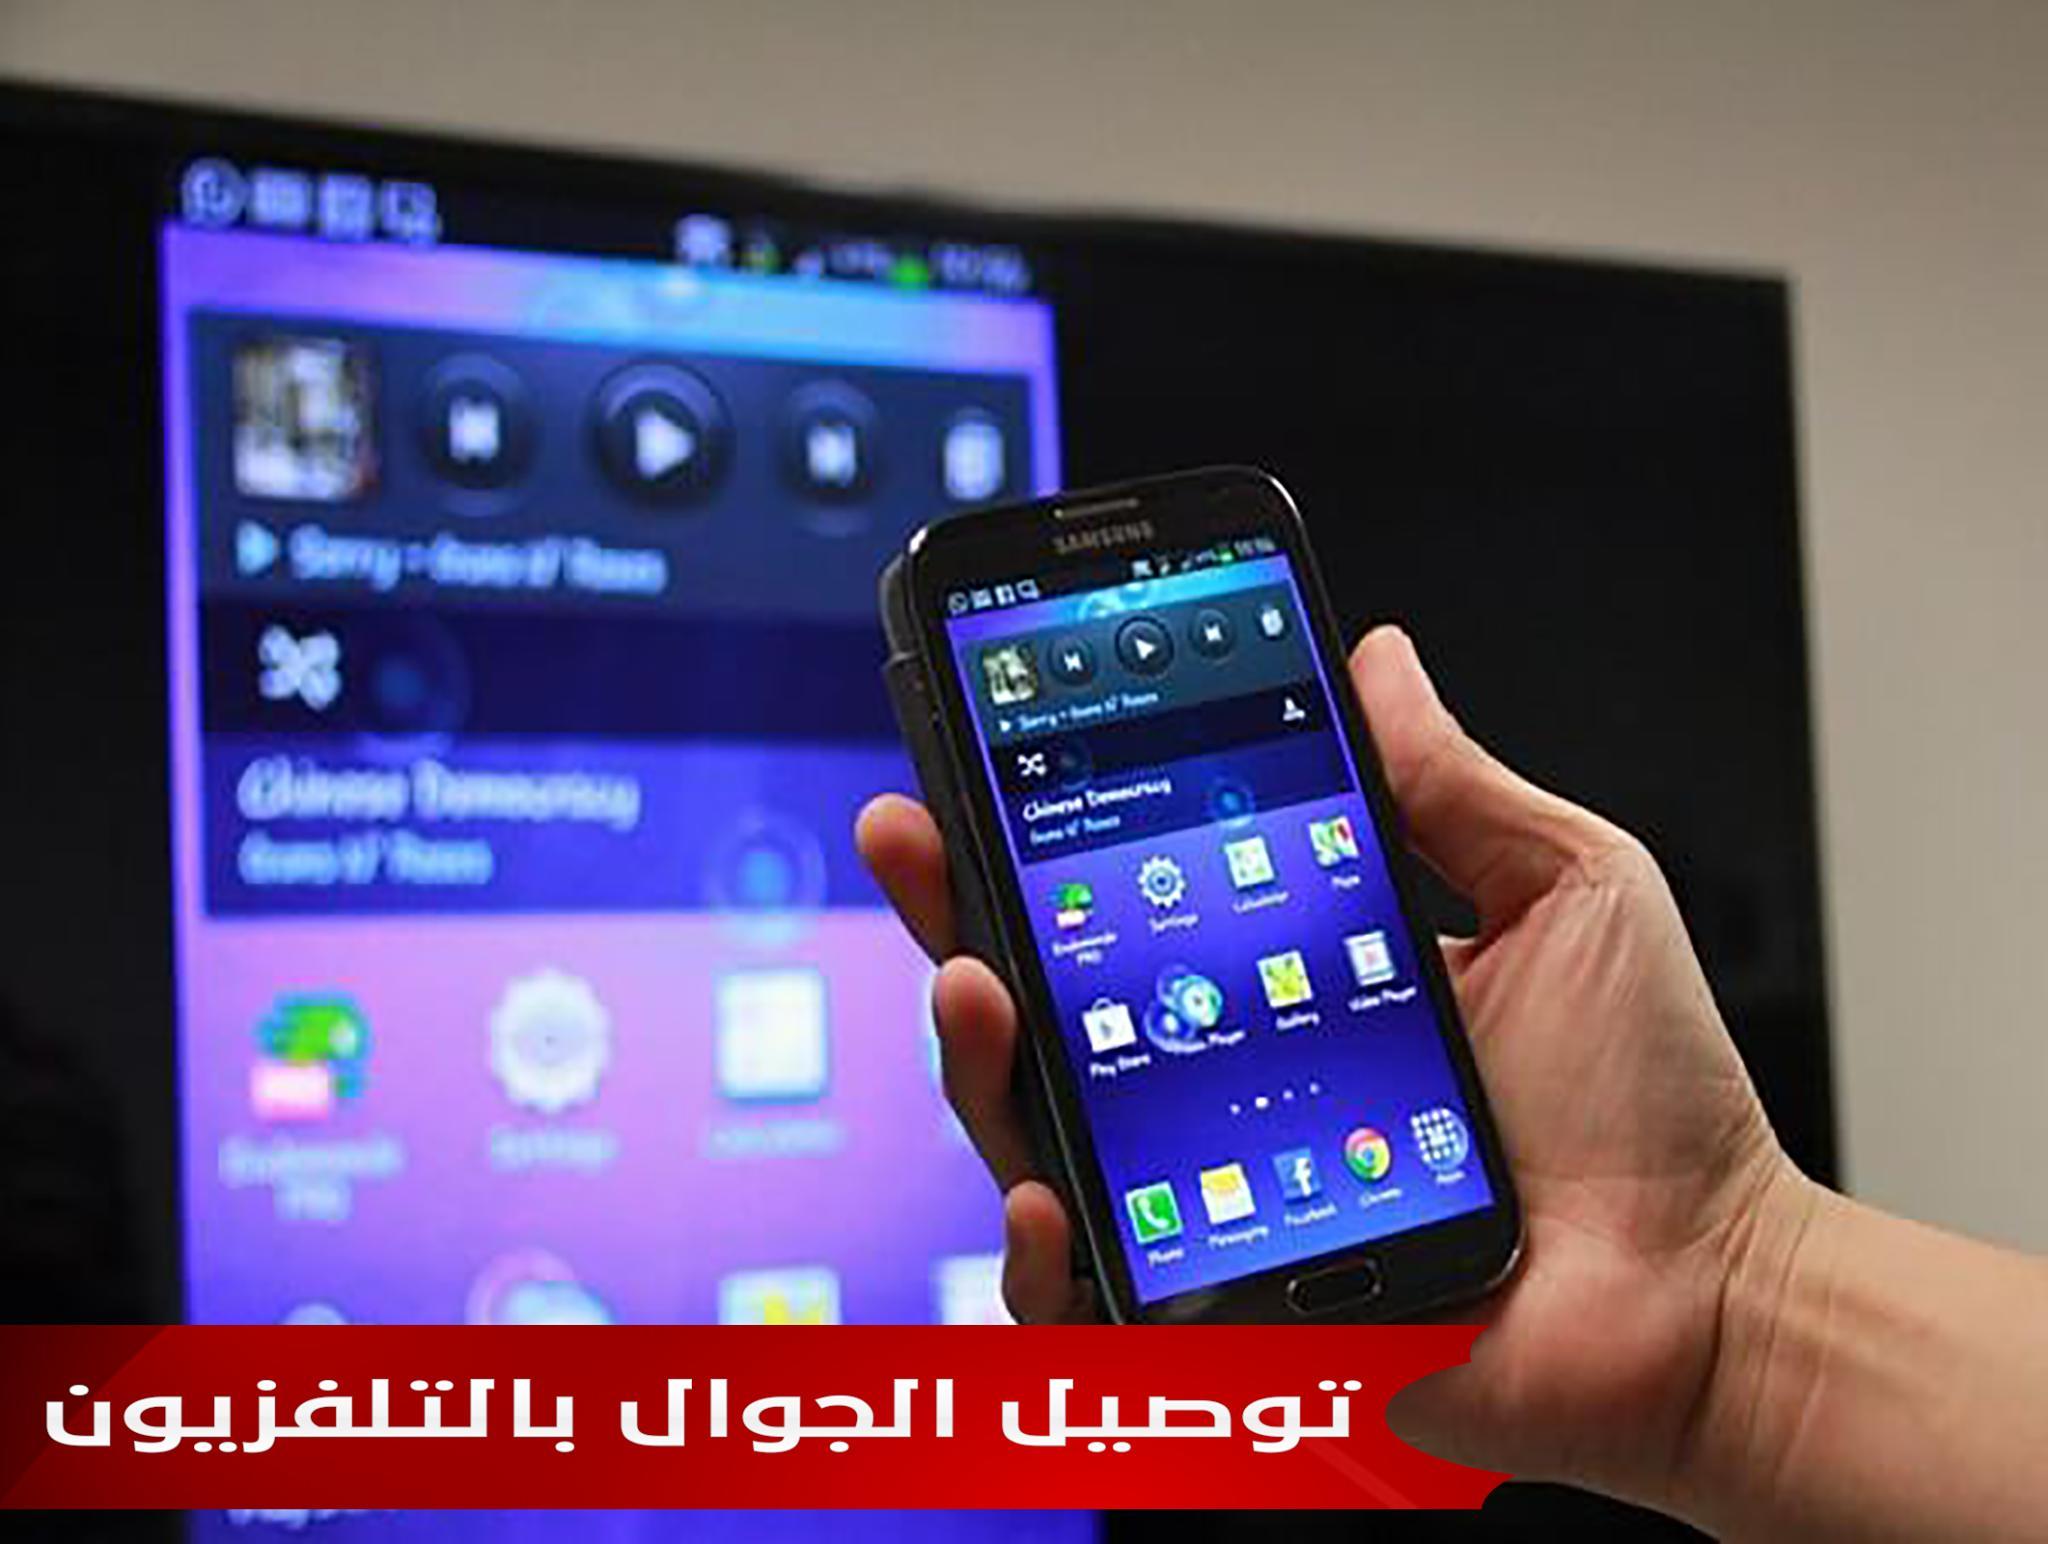 تشغيل الجوال على التلفزيون For Android Apk Download